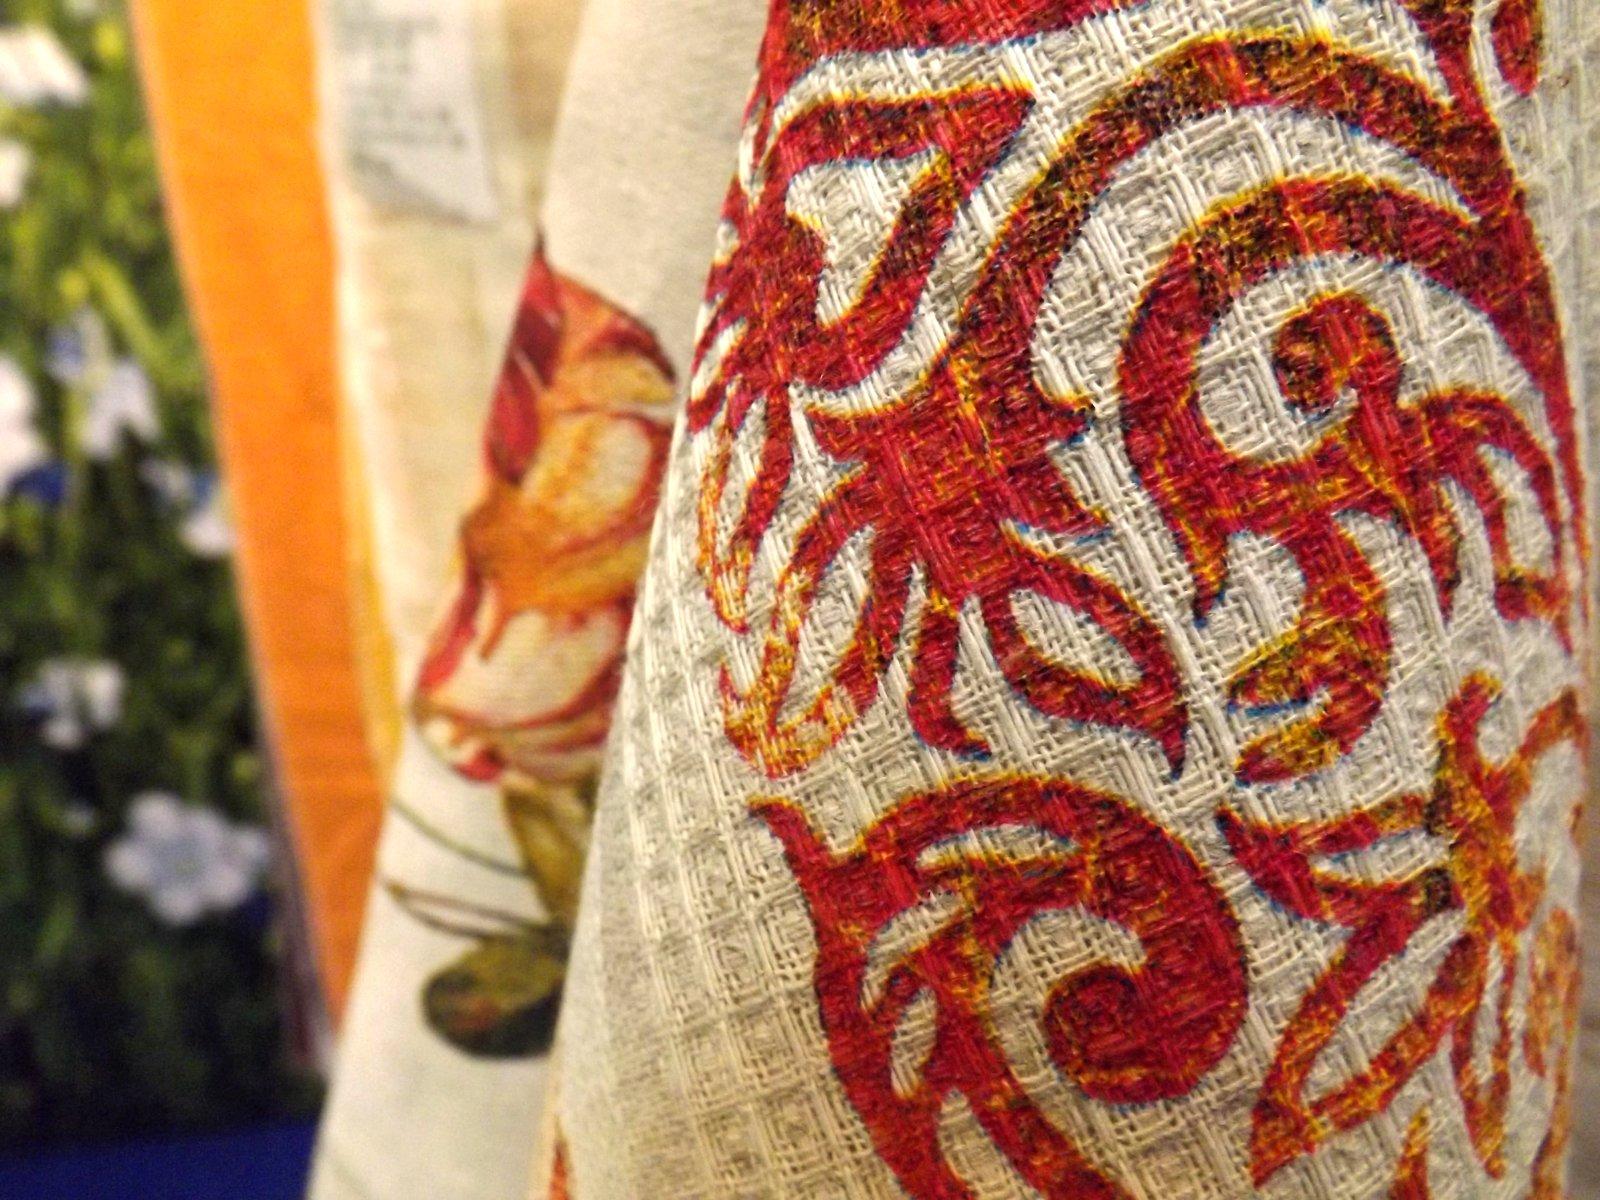 Образцы кухонных полотенец Оршанского льнокомбината на экспозиции бренда Белорусский лён во время весенней выставки HouseHoldExpo 2015